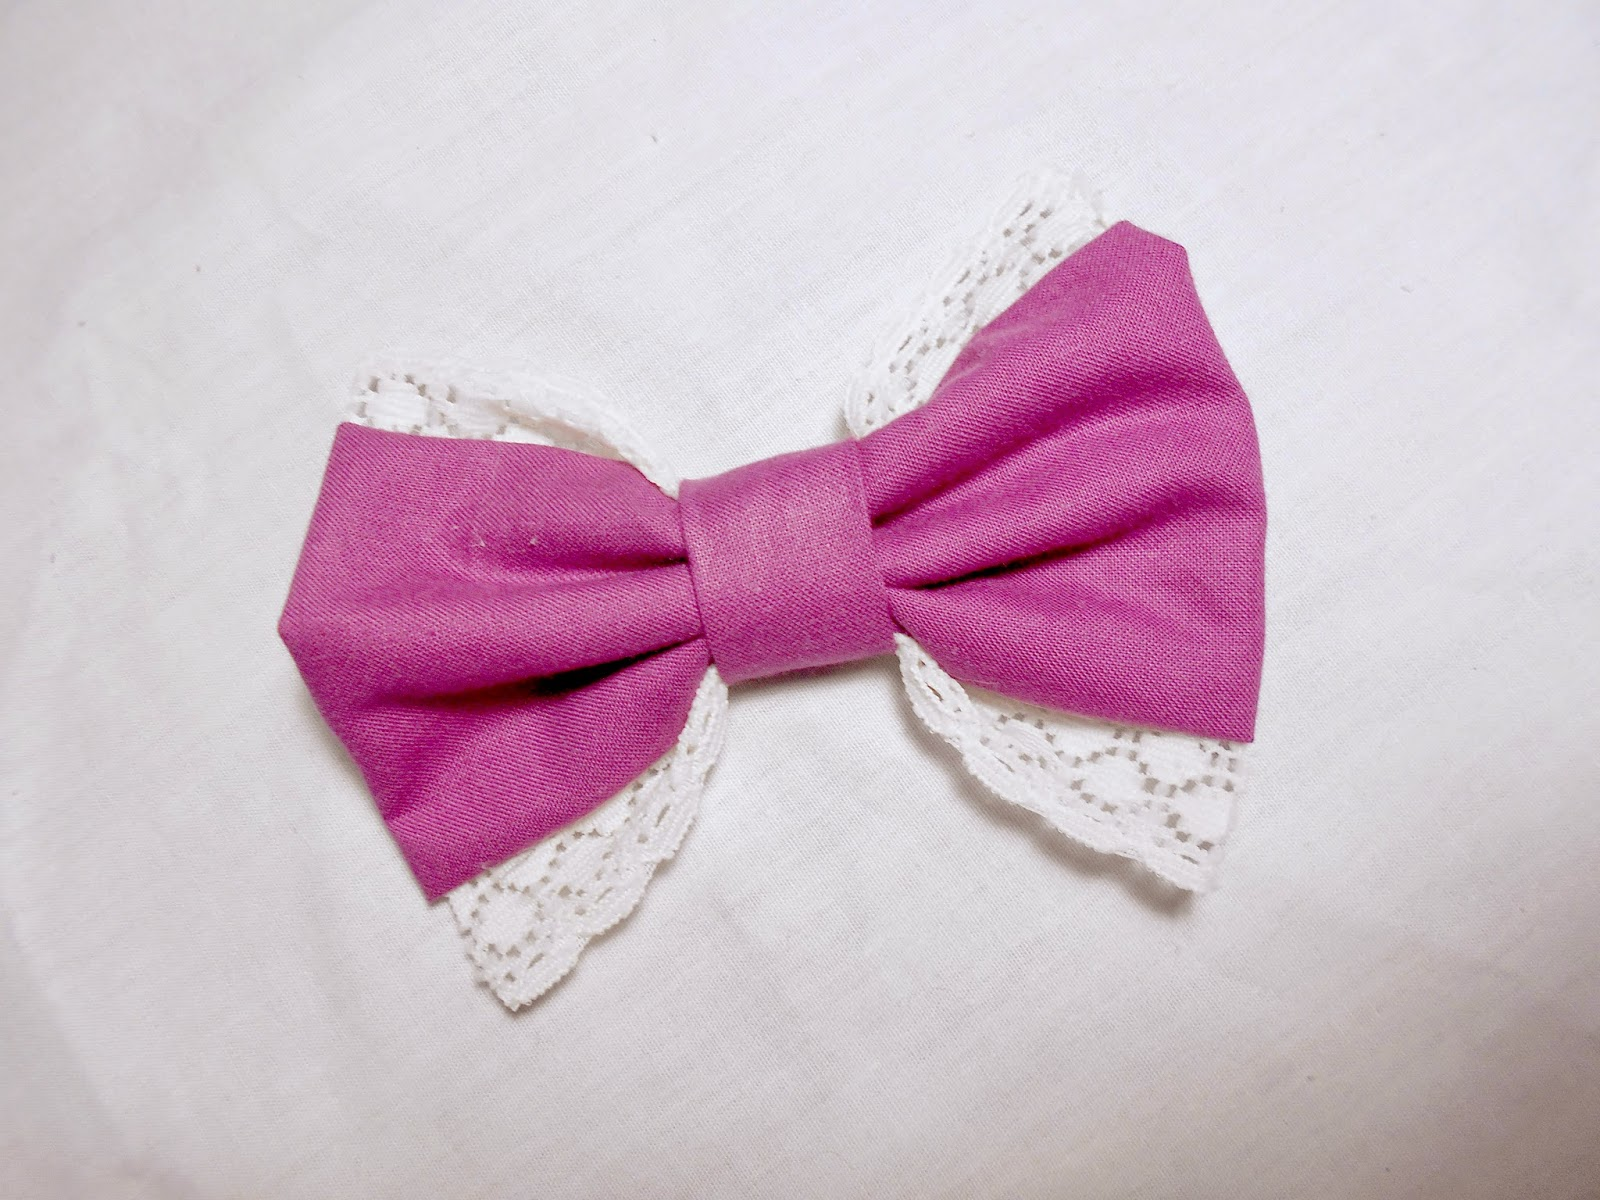 DIY hair bows - lace bow